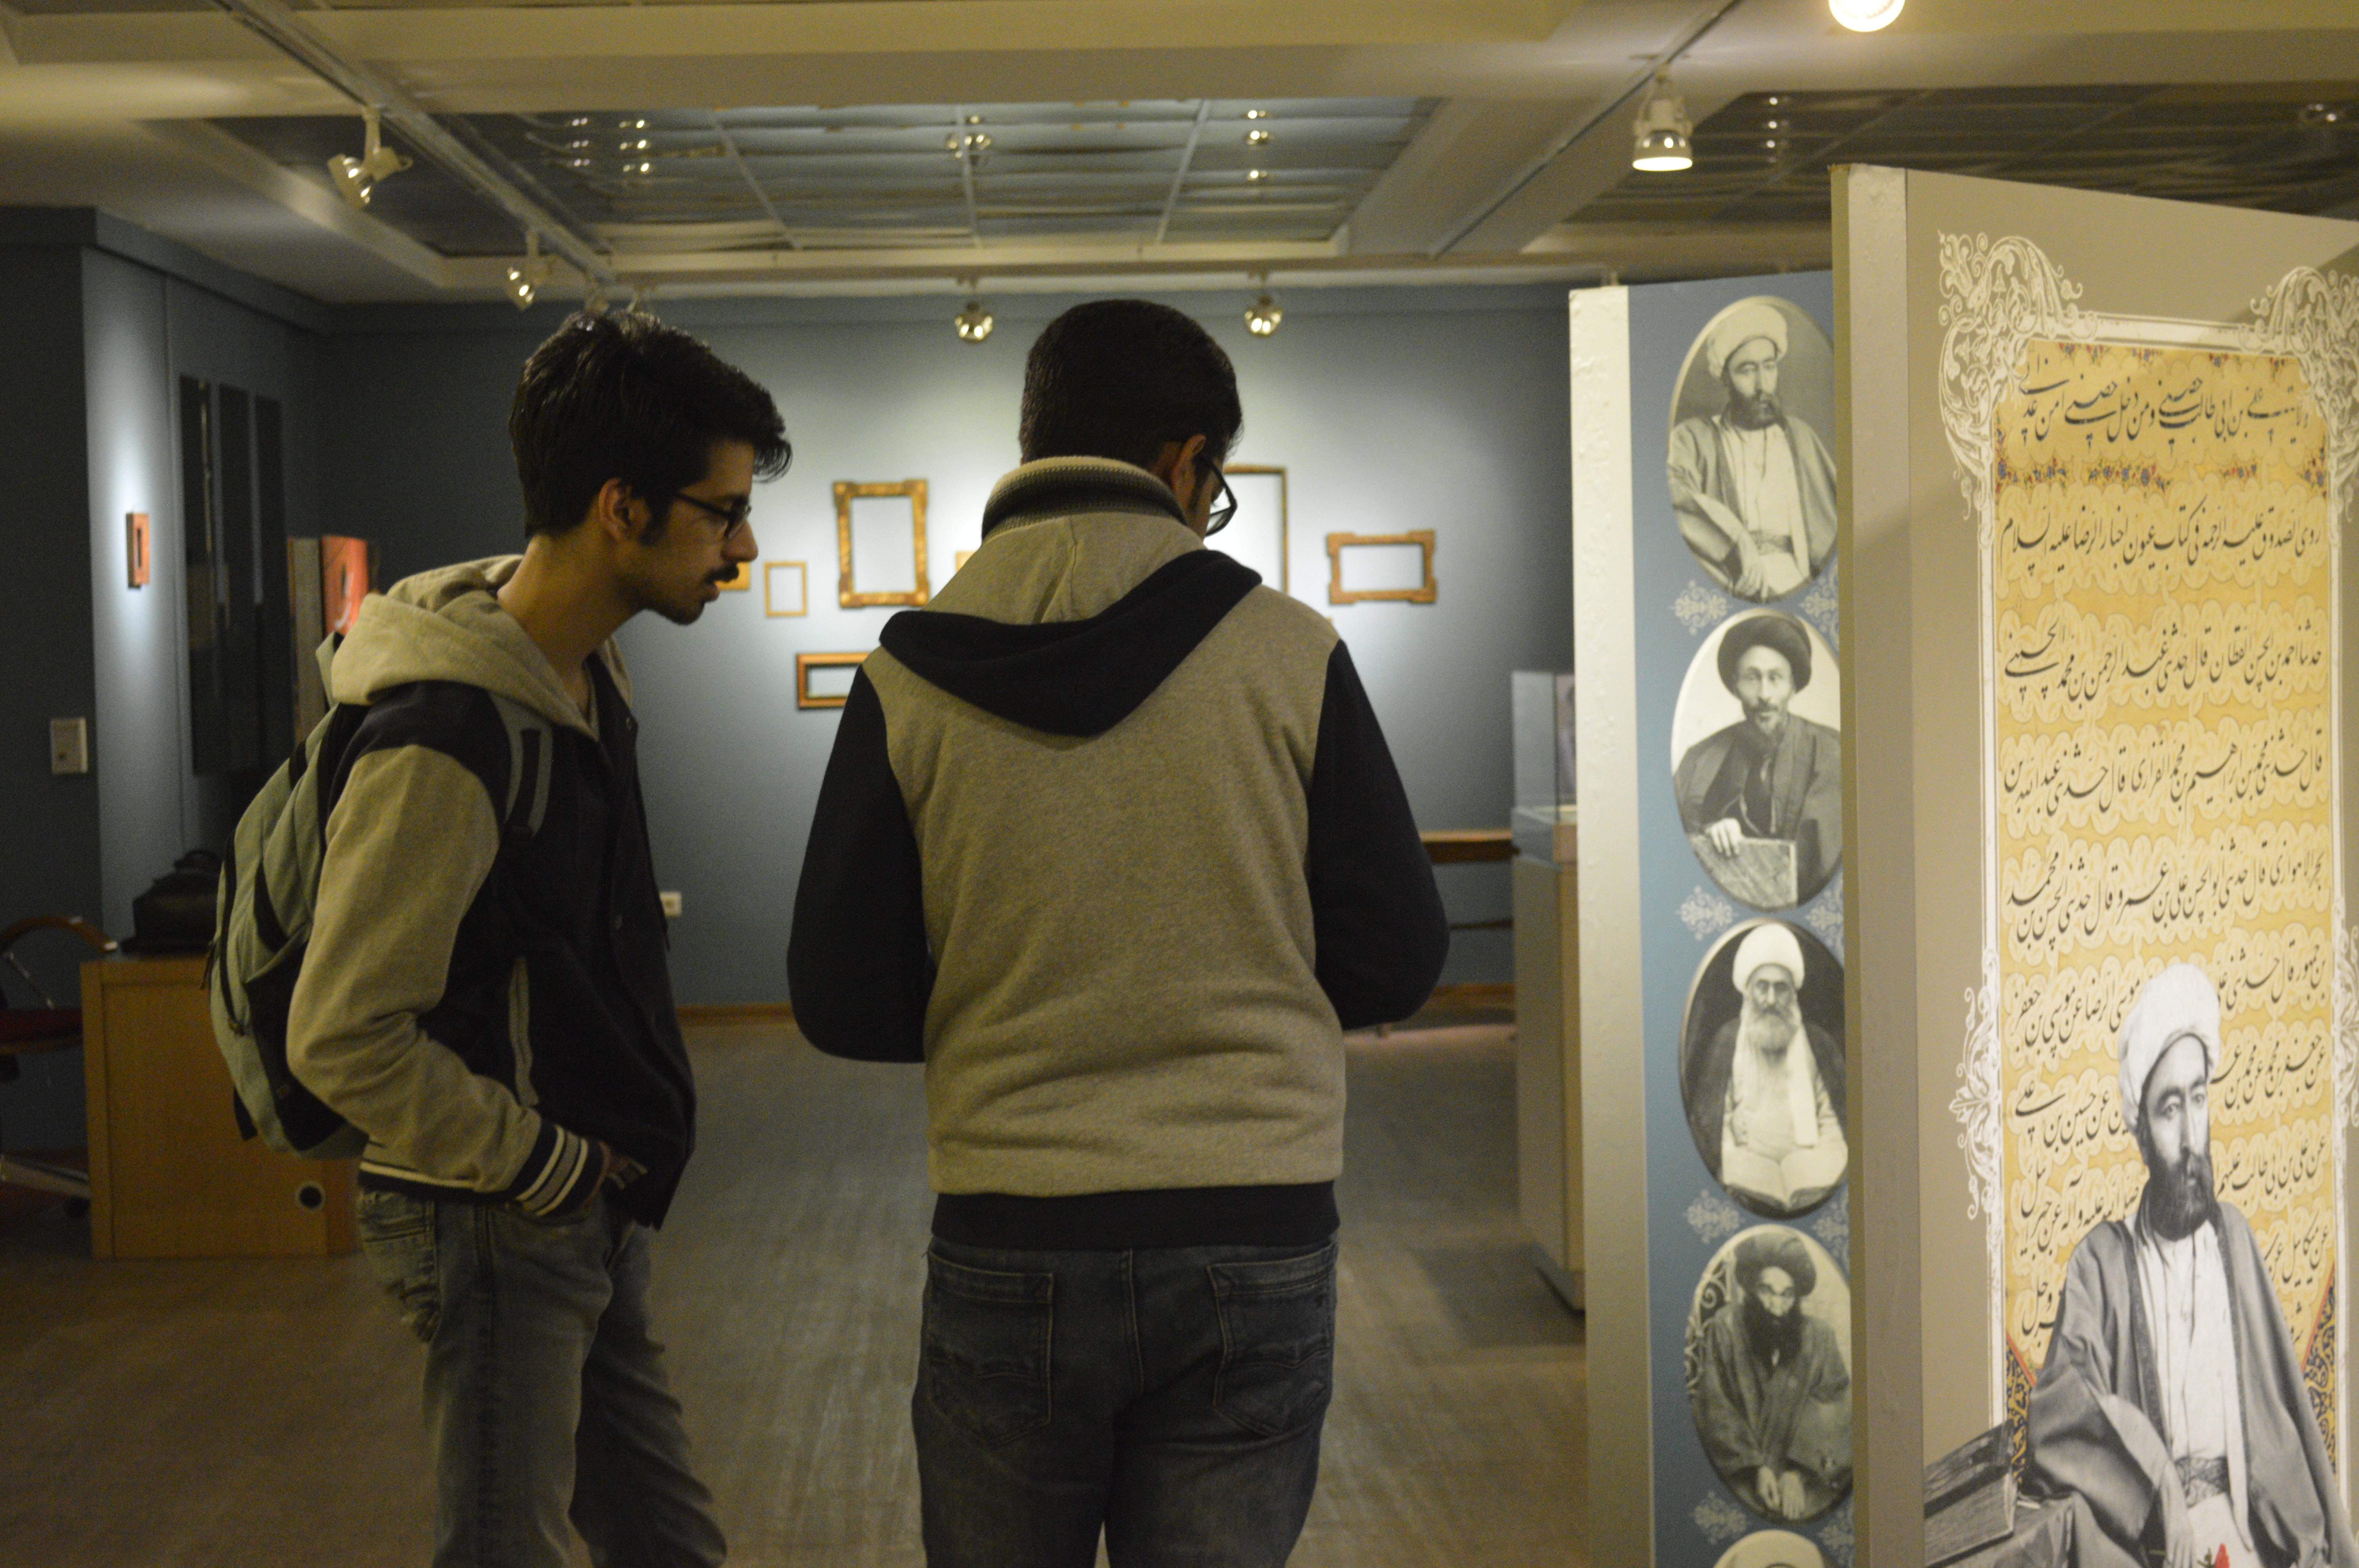 نمایشگاه حضور5